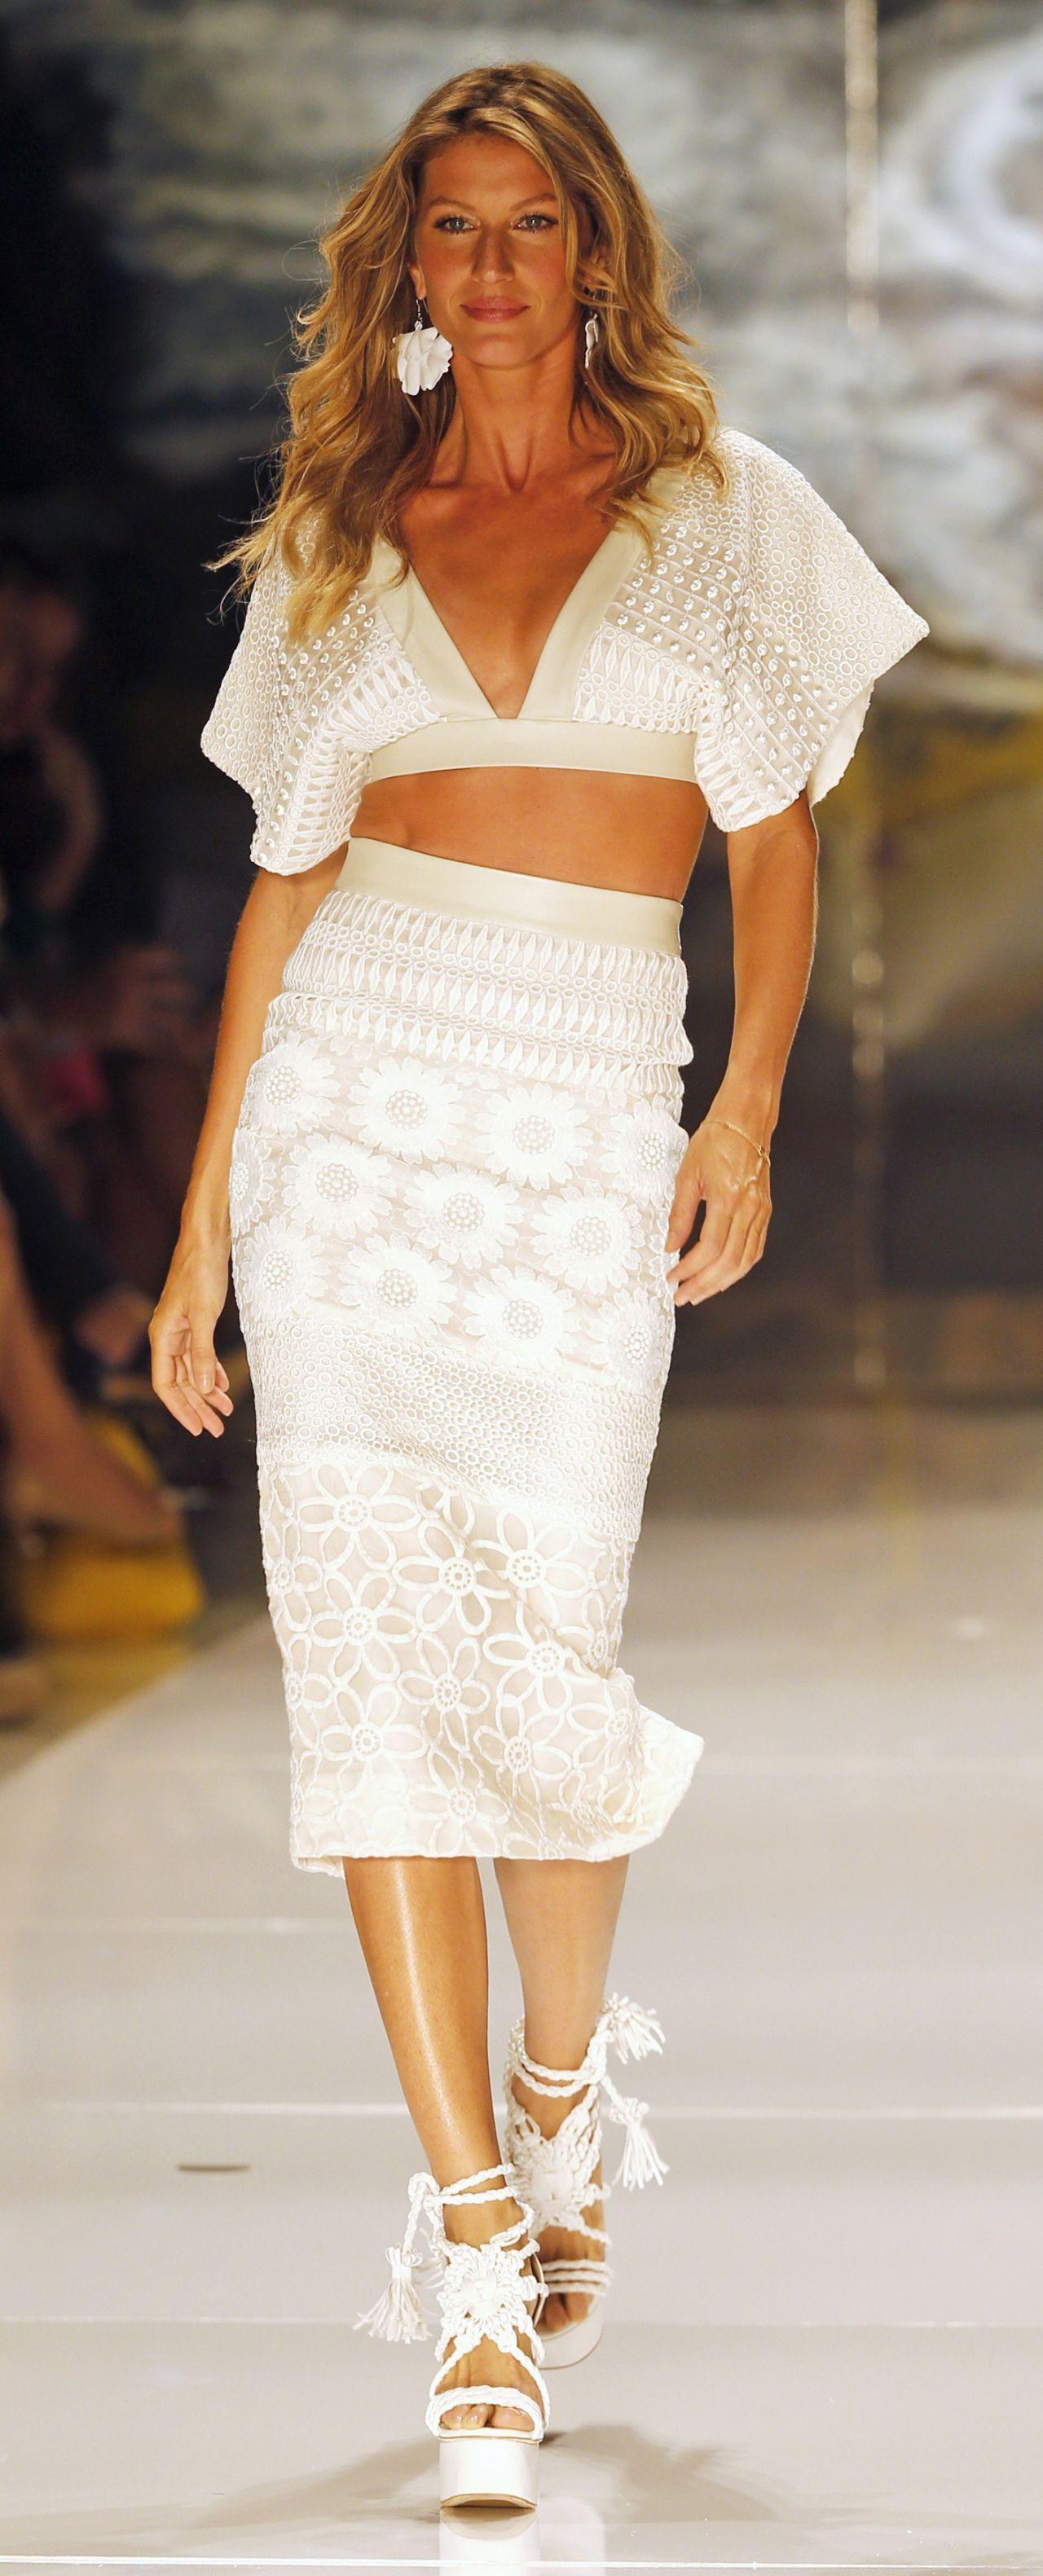 Gisele Bundchen Colcci Summer 2015 Fashion Show April 2014